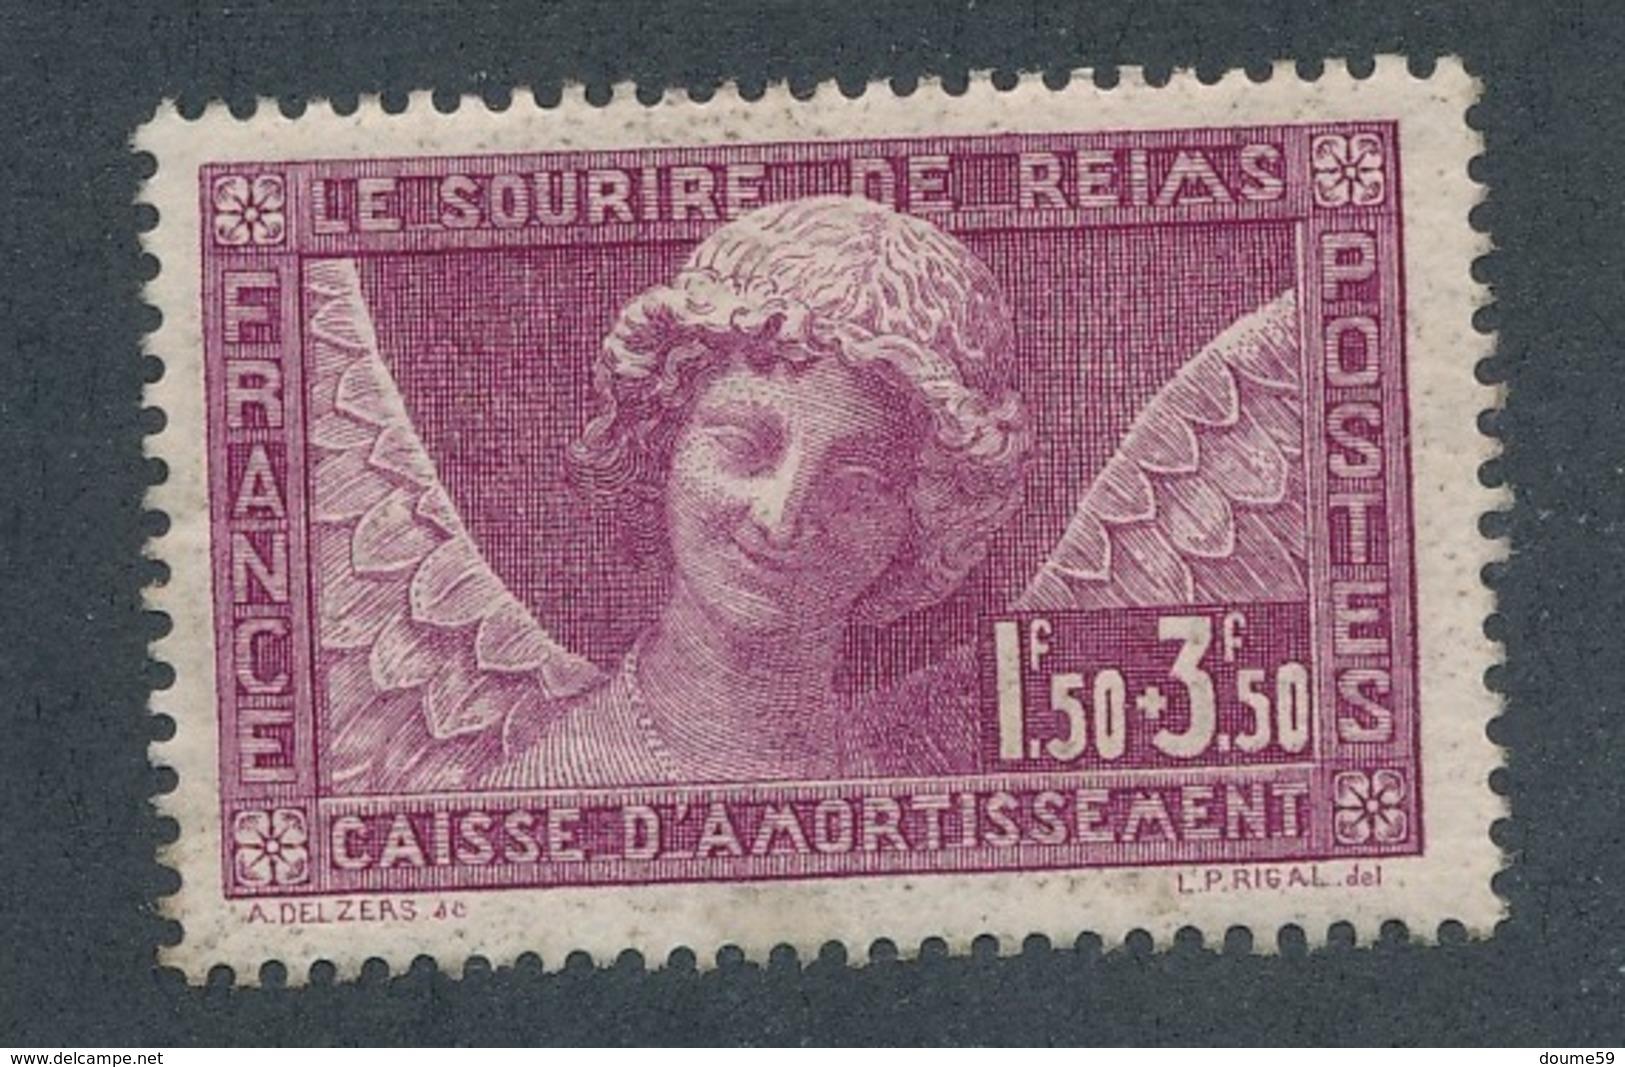 """CF-45: FRANCE: Lot  """"CAISSE D'AMORTISSEMENT"""" Avec N°256* 2ème Choix - France"""